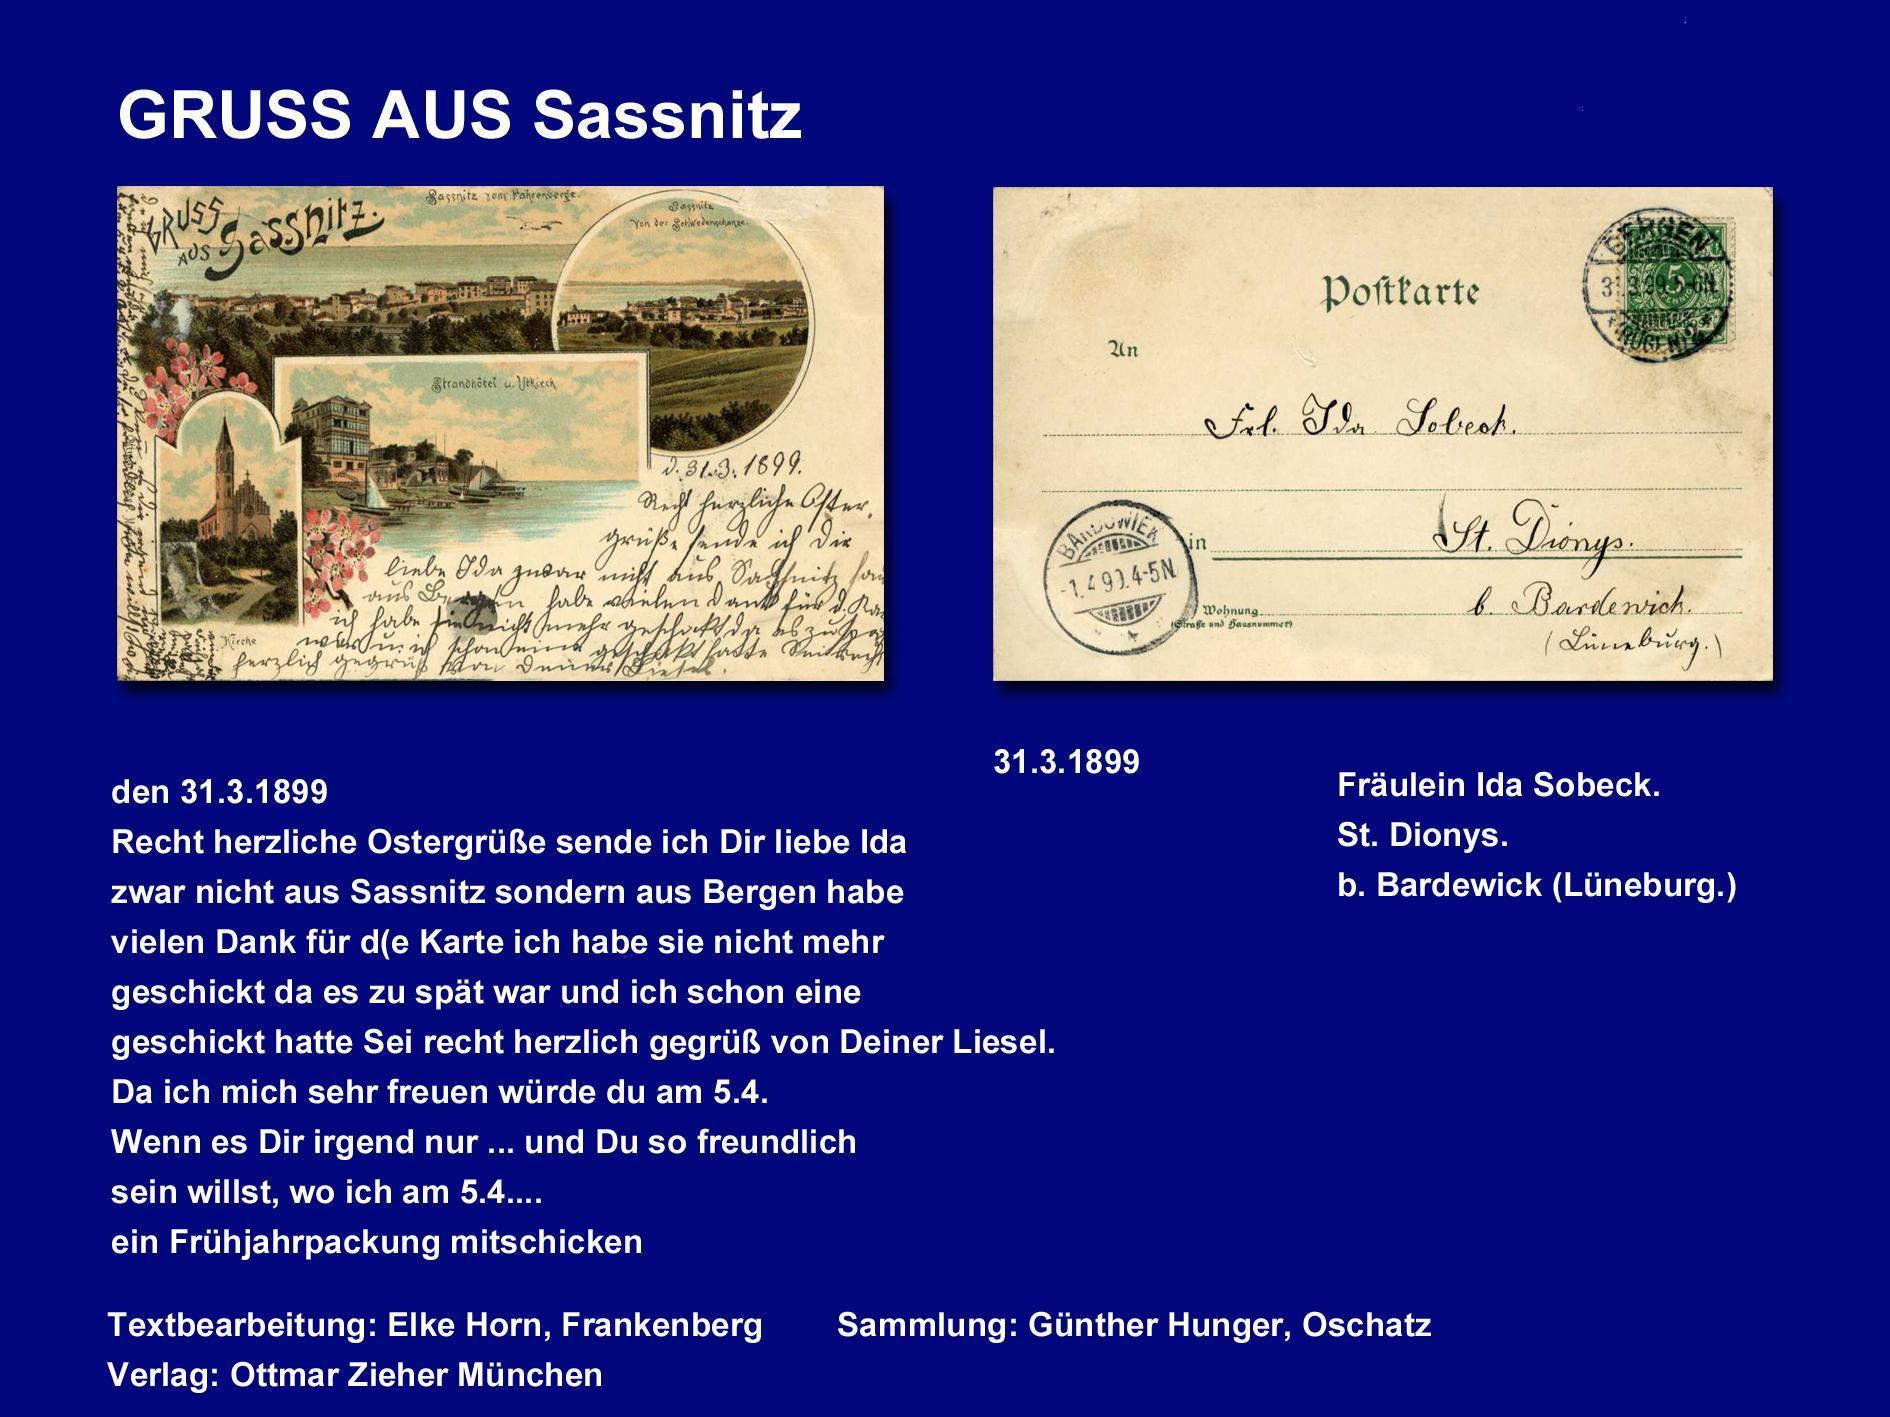 GRUSS aus SASSNITZ 1899